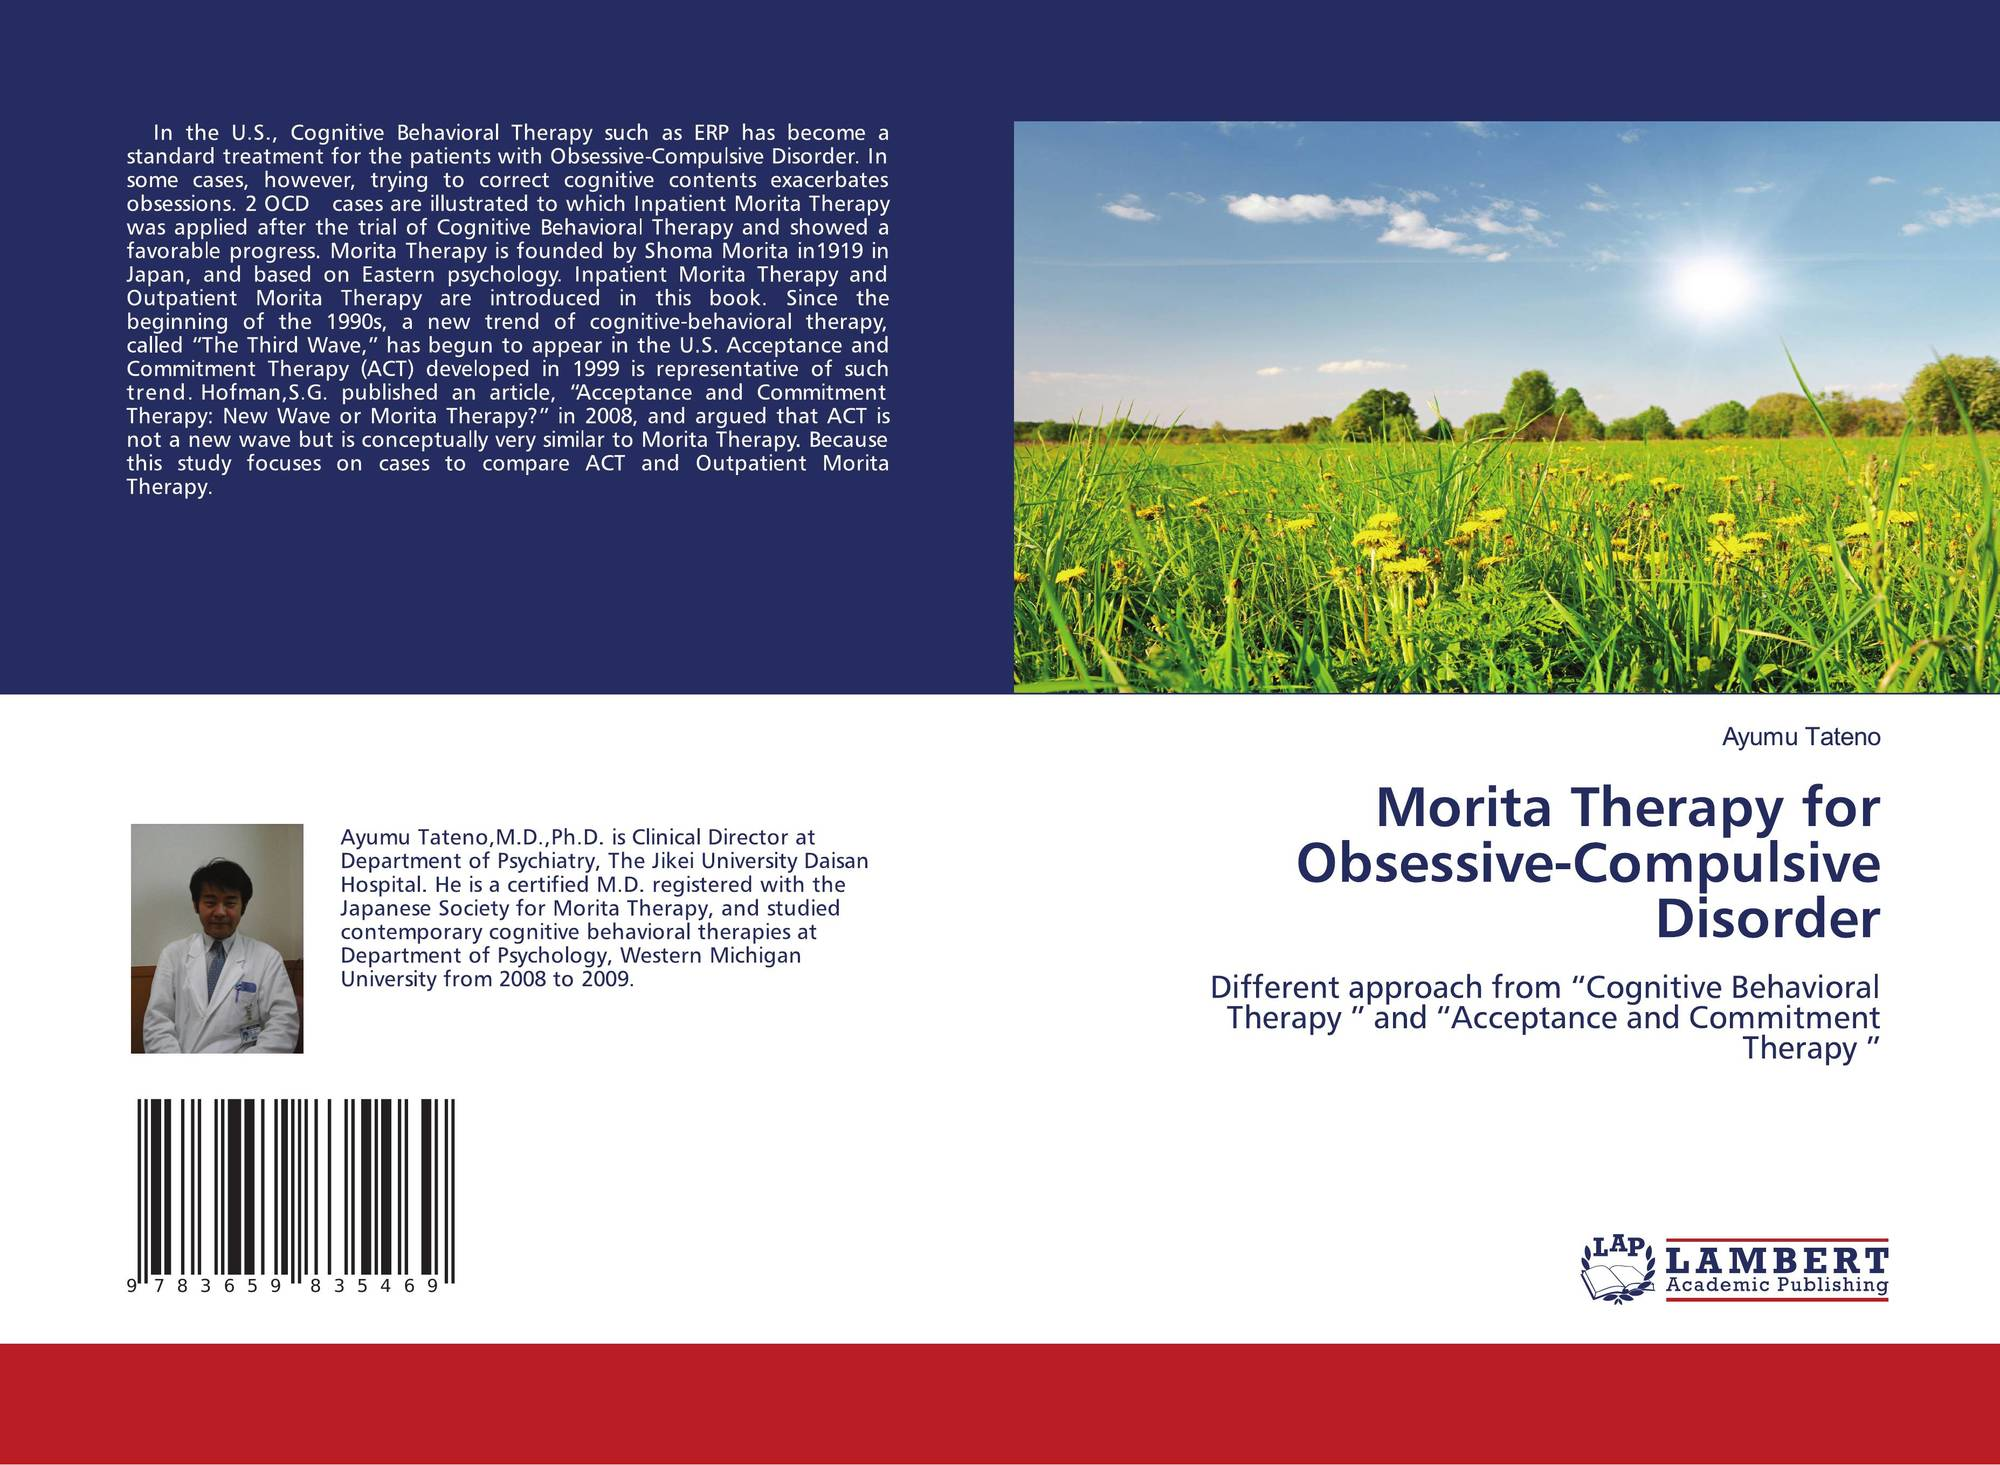 Morita Therapy for Obsessive-Compulsive Disorder, 978-3-659